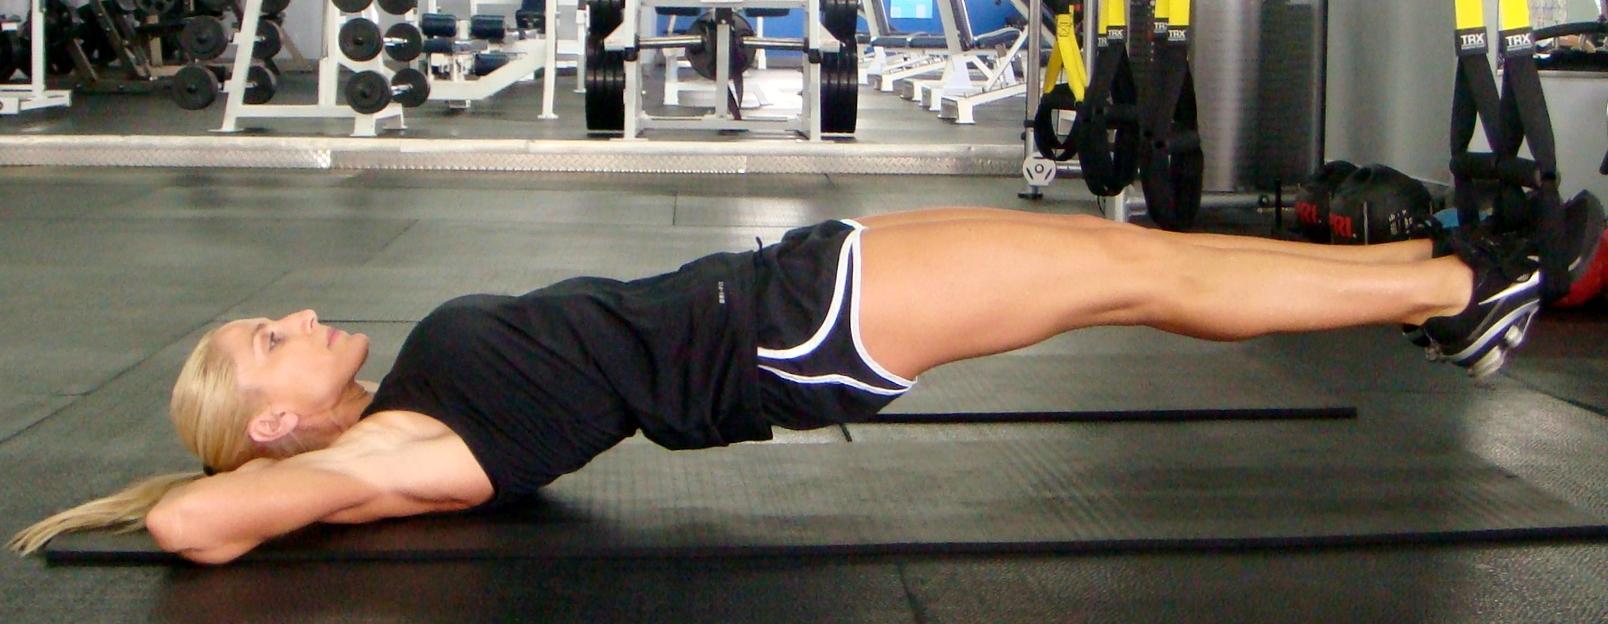 ae56422912 - 6 bài luyện tập bắp chân to khoẻ